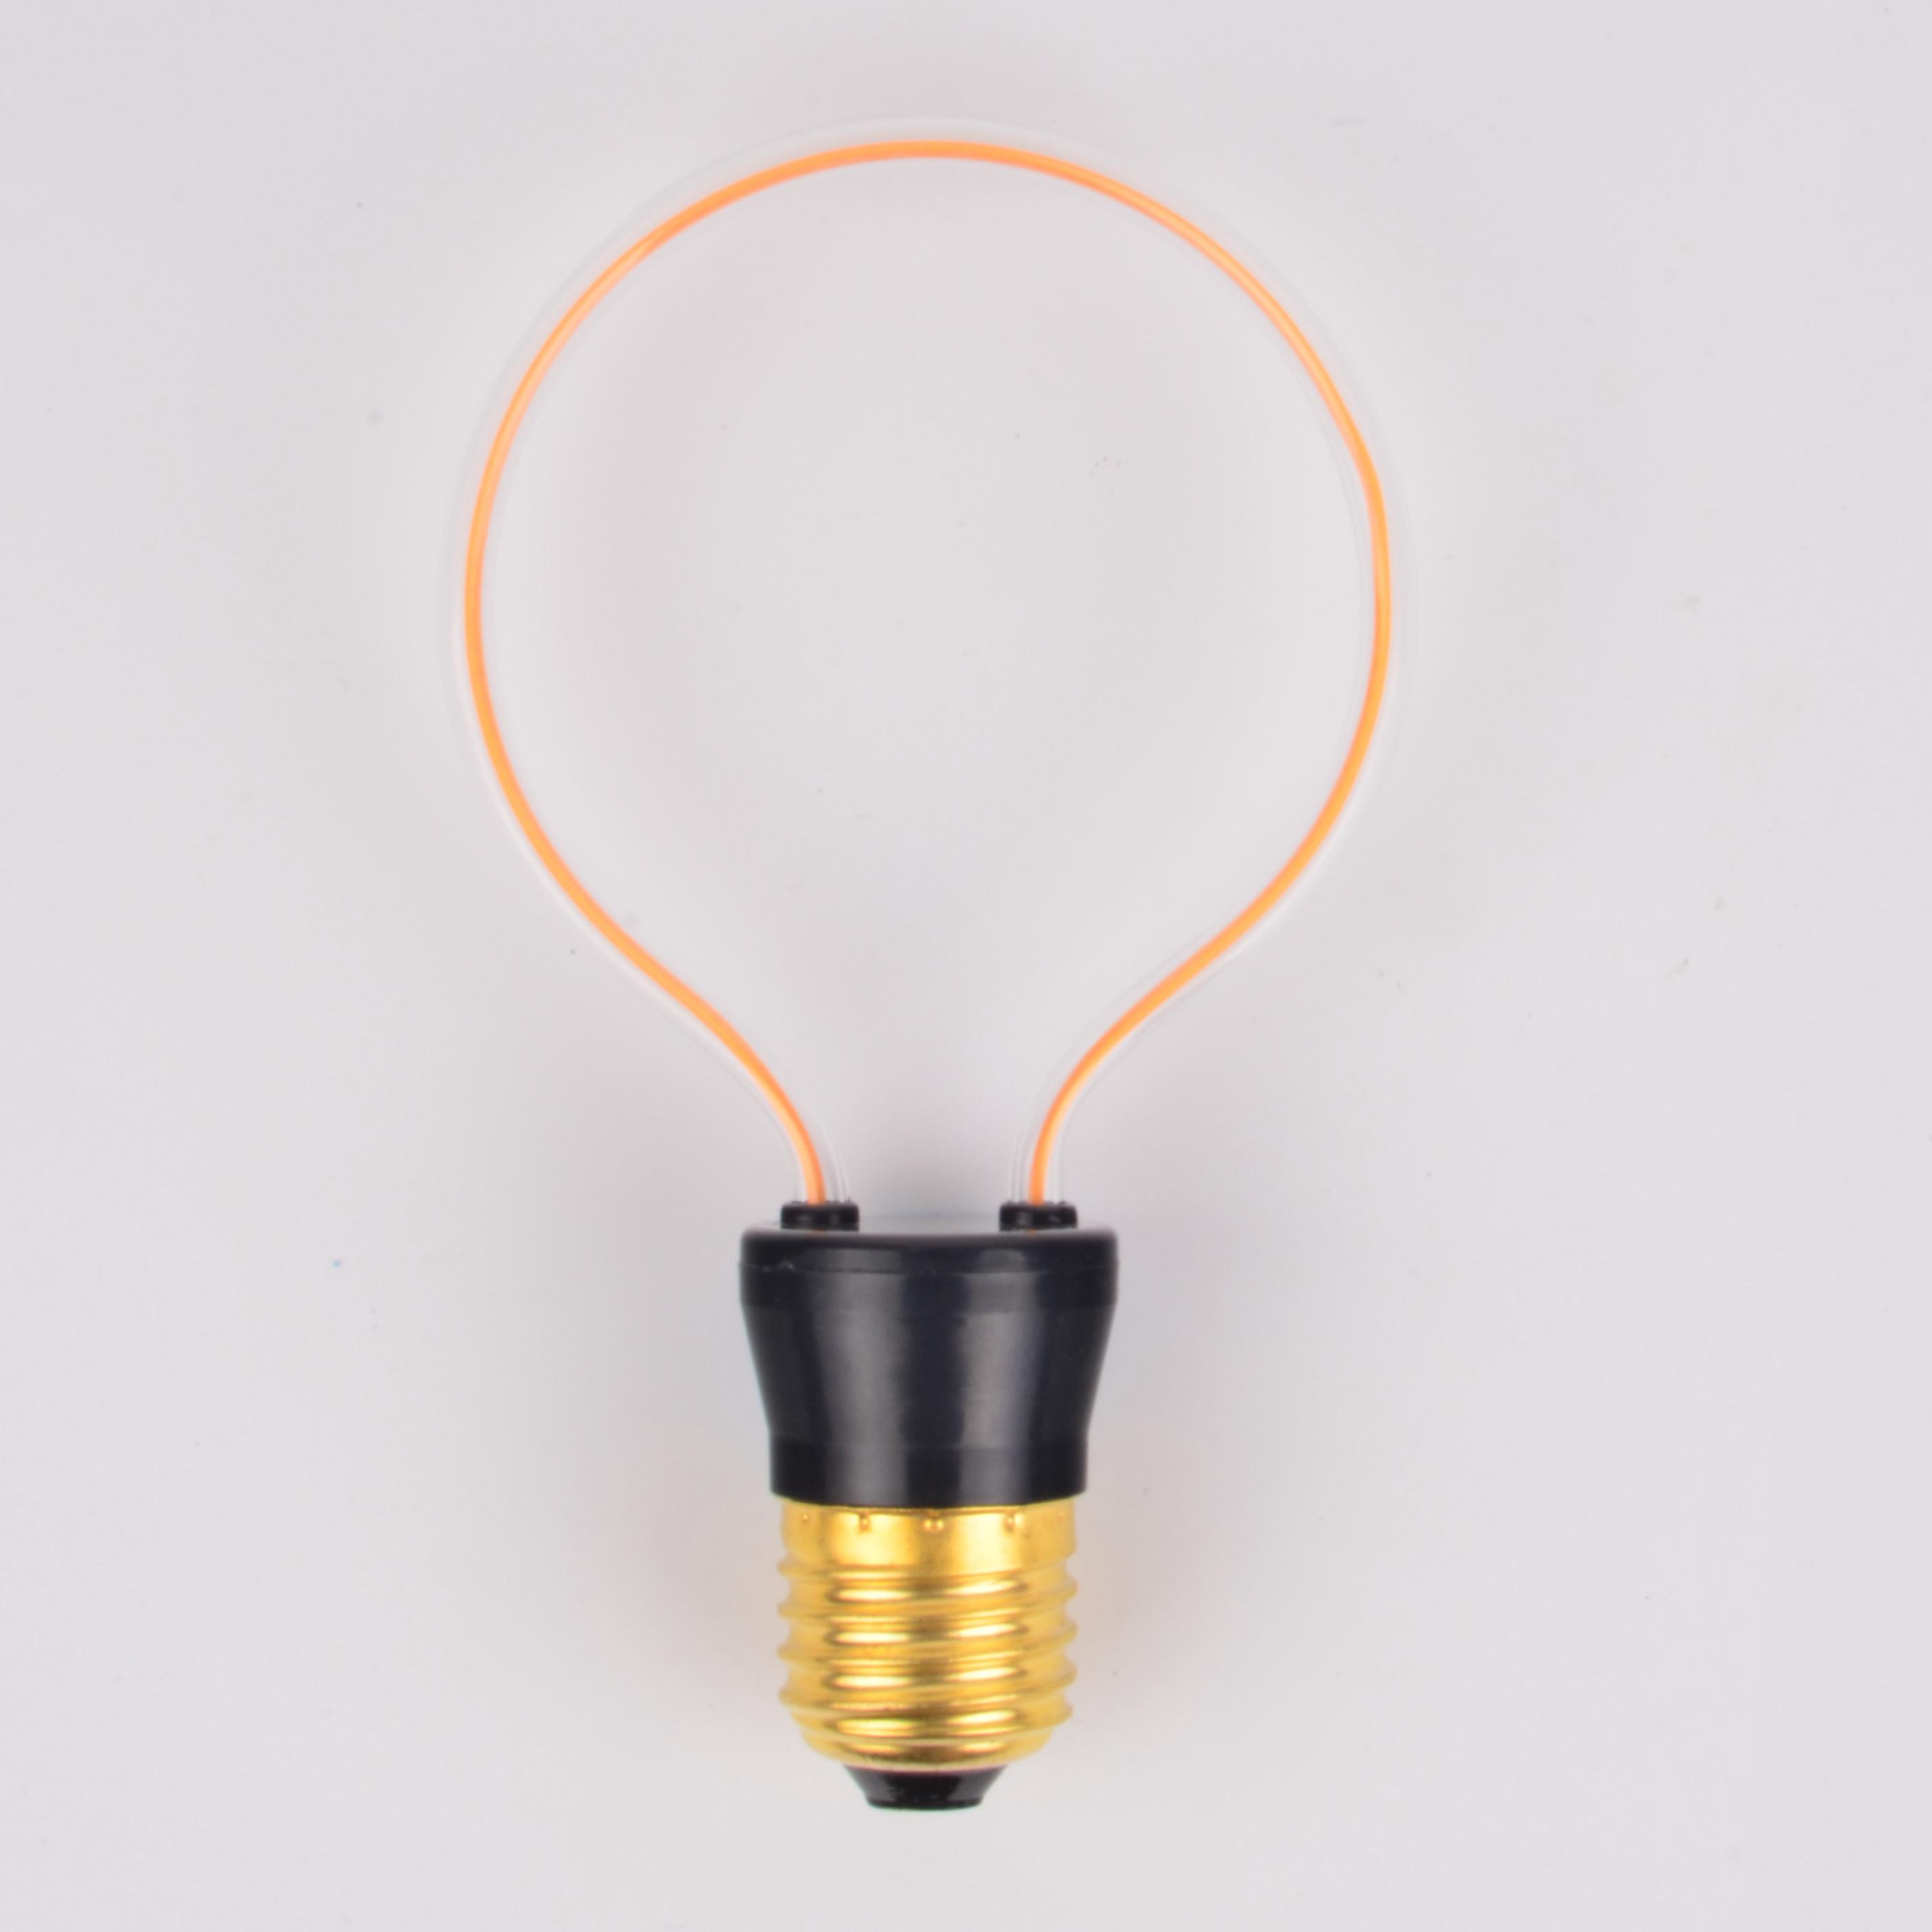 NEW LED FILAMENT LAMP